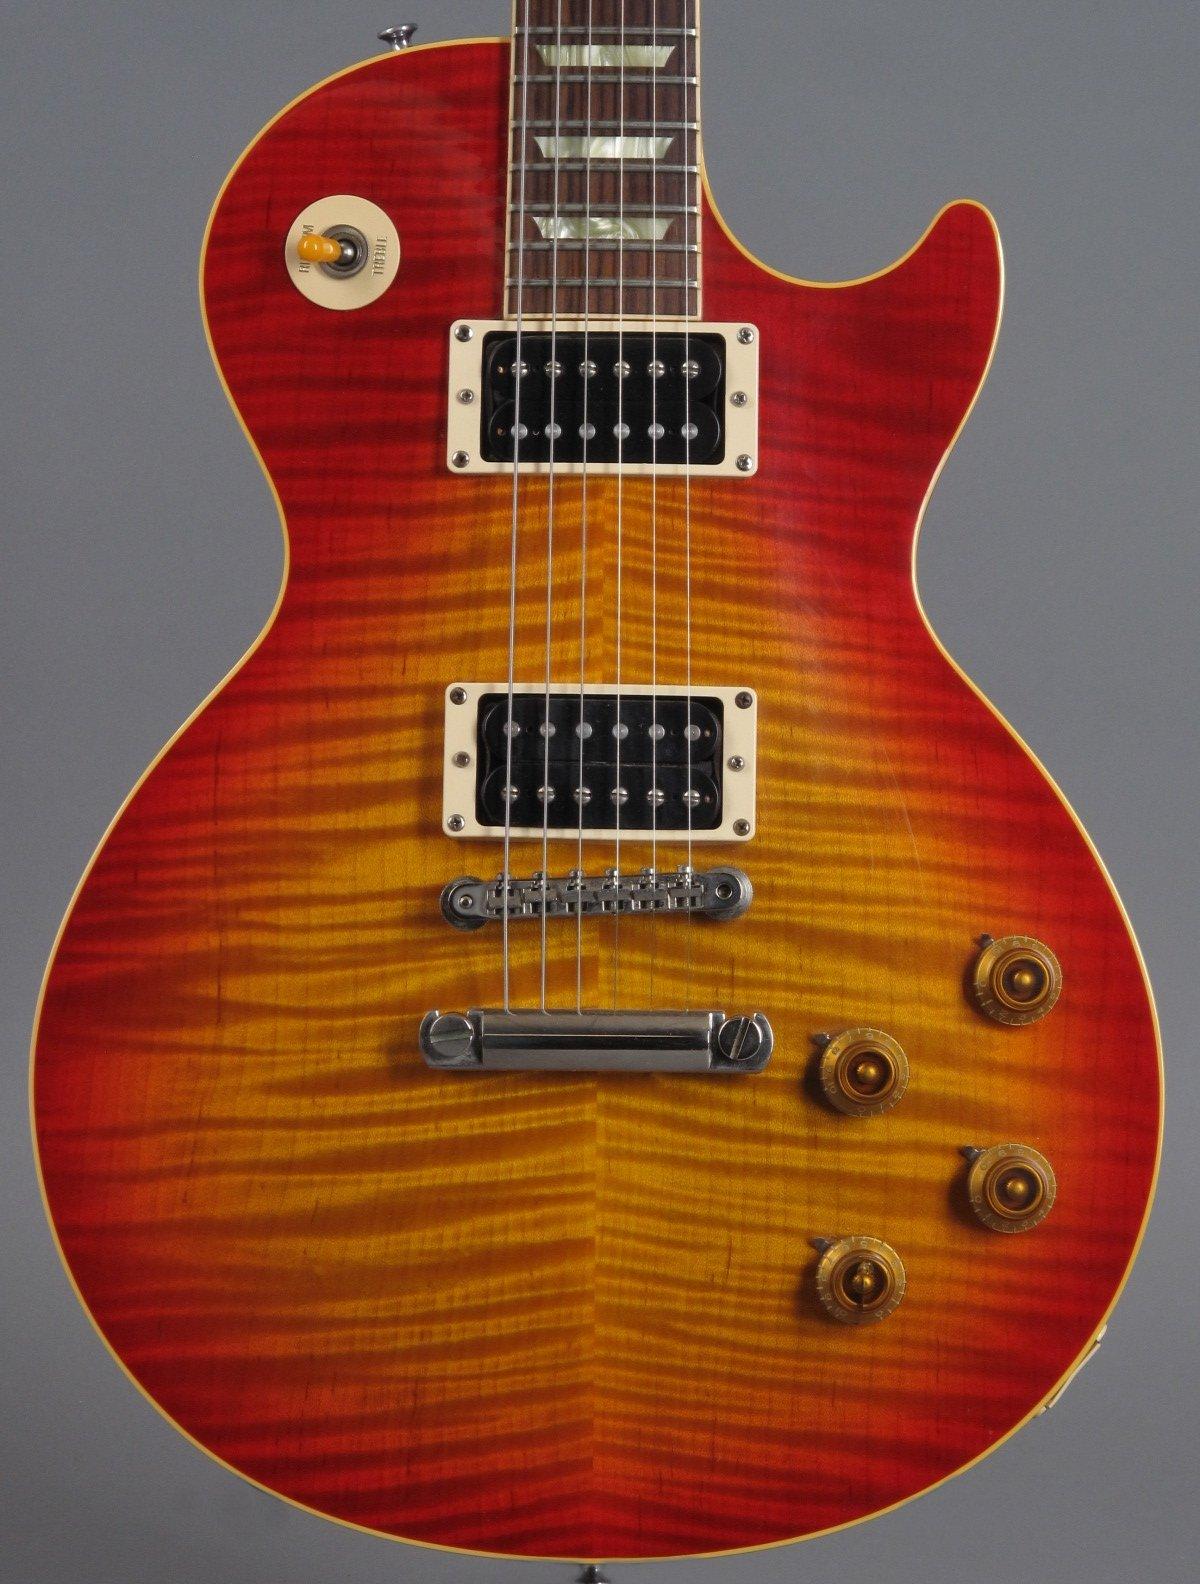 1994 Gibson Les Paul 1960 Classic Premium+ - Cherry Sunburst  ...Killertop !!!